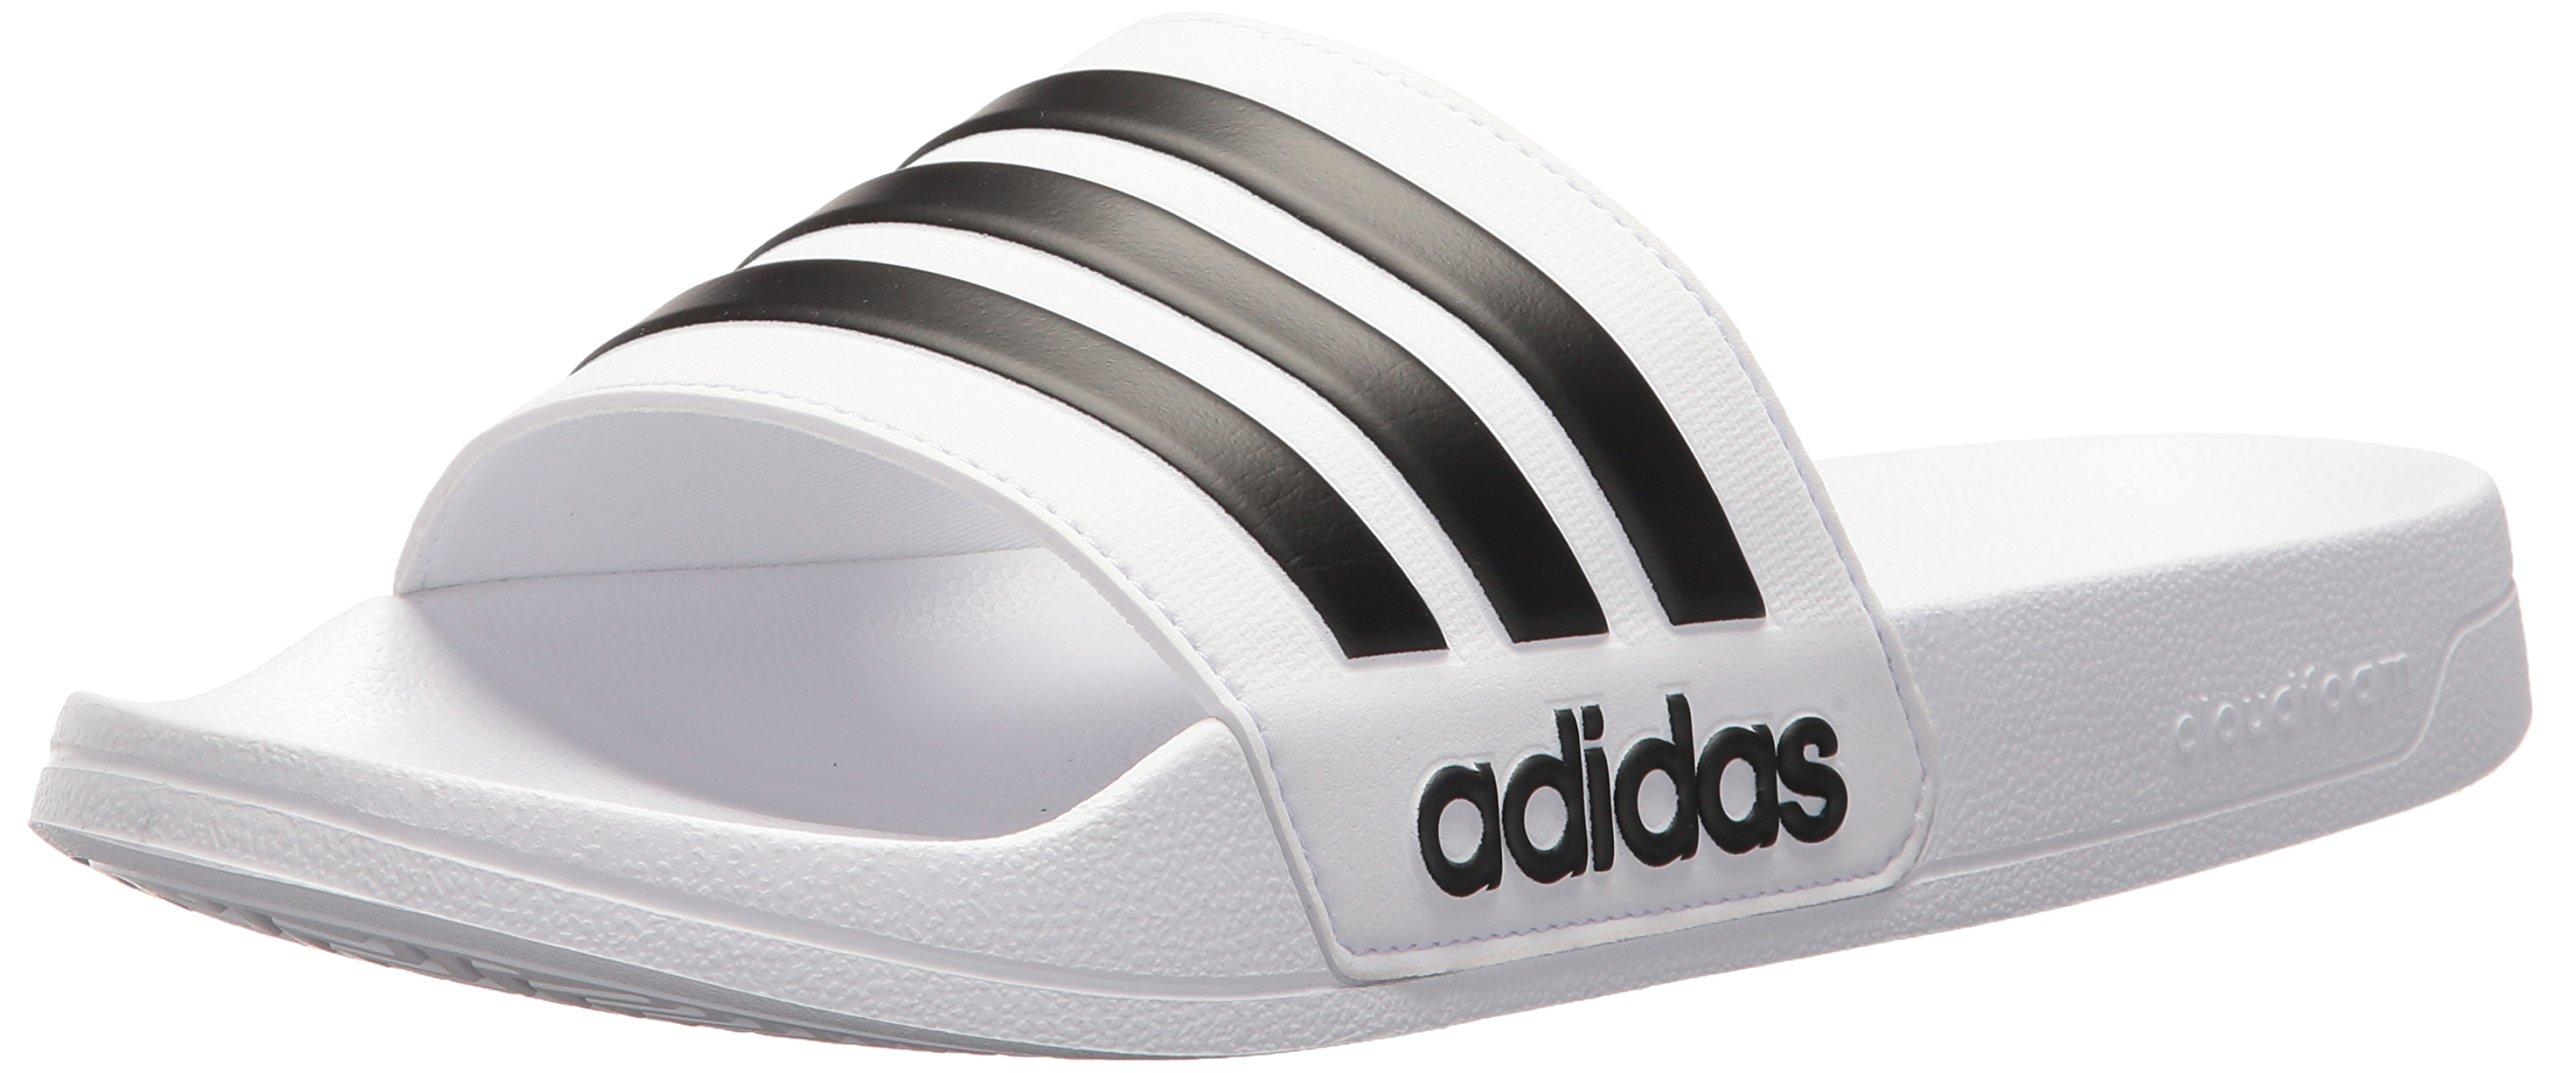 f7e23895d3c4 Galleon - Adidas Men s Adilette Shower Slide Sandal